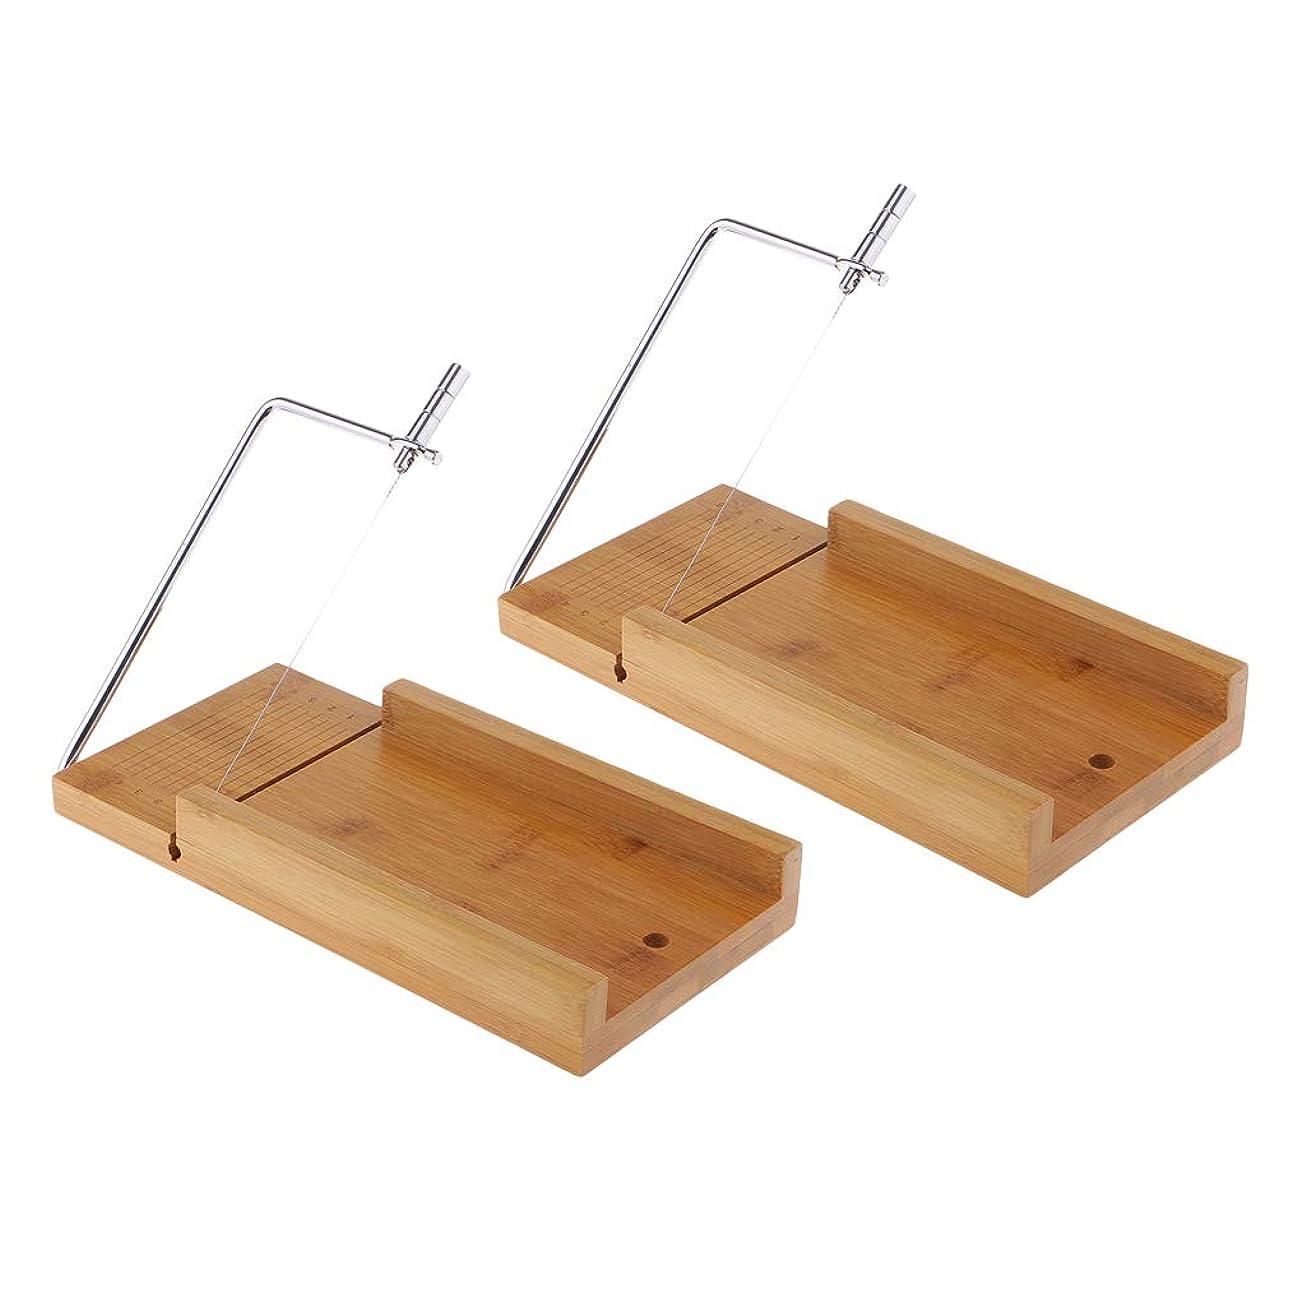 ヒールずらす遵守するPerfeclan 木質 せっけんカッター 台 石鹸のカッター ワイヤー ソープスライサー チーズナイフ 石鹸作り 2個入り